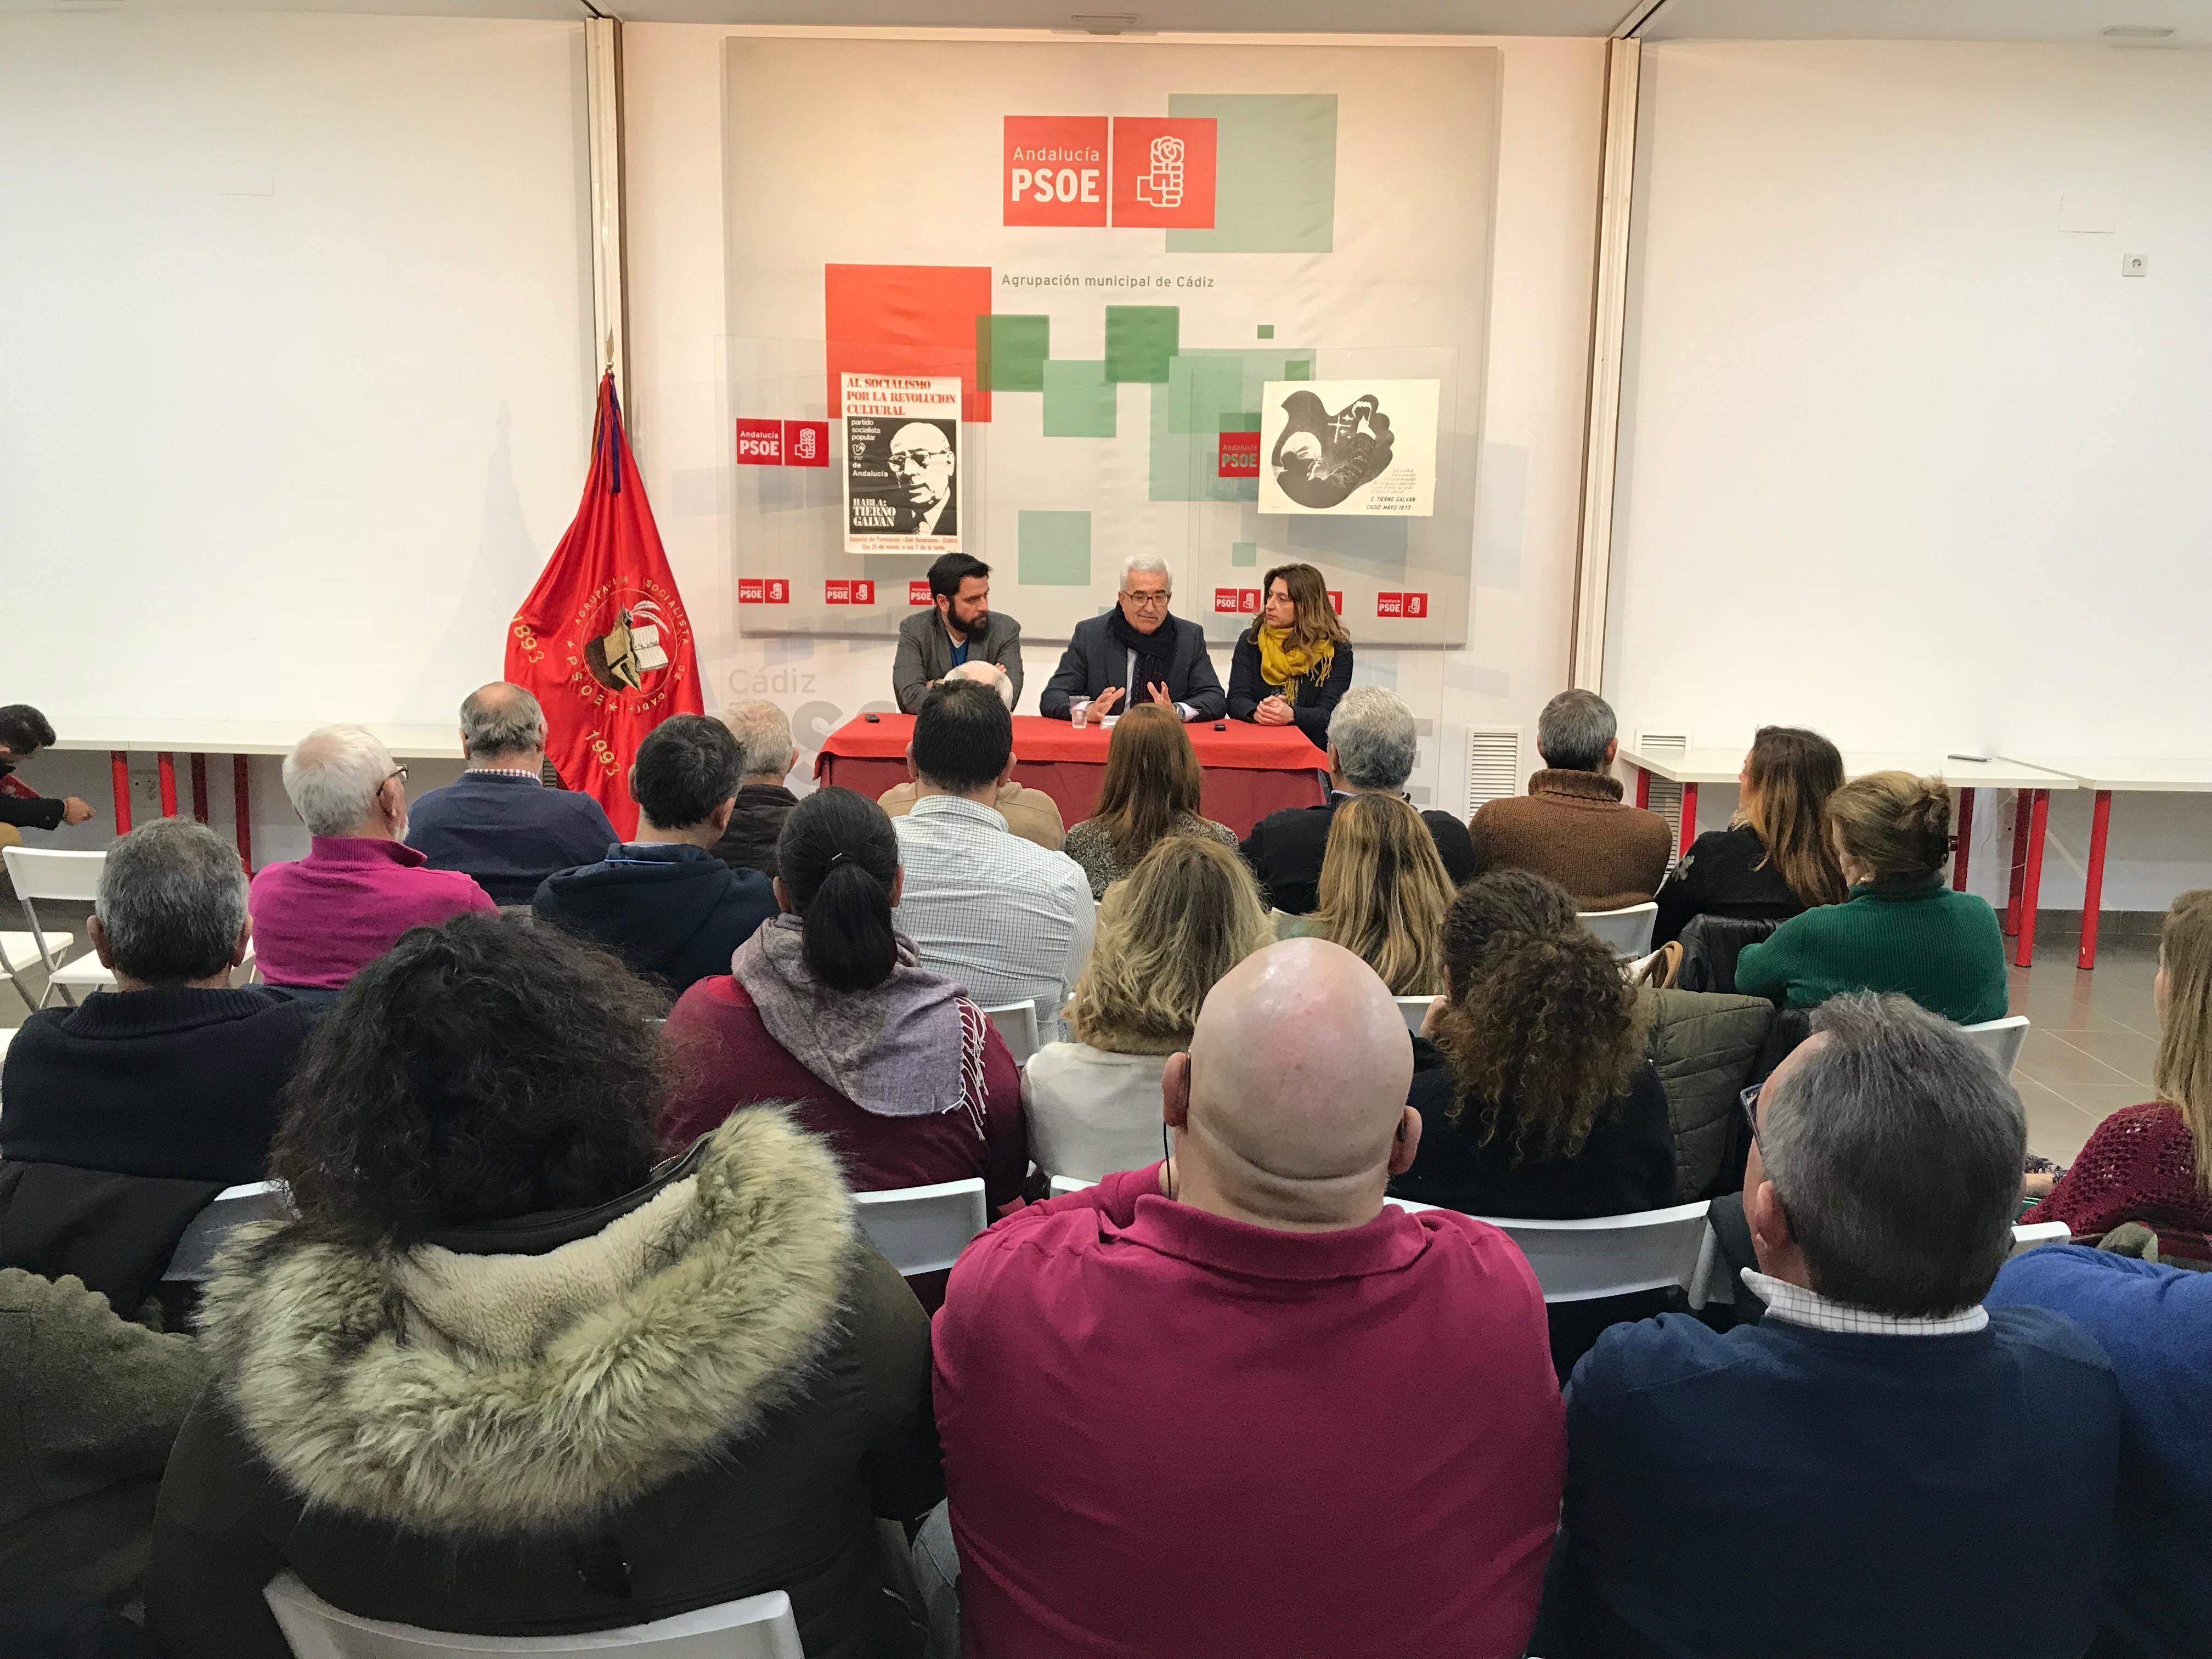 REUNIÓN PSOE CÁDIZ-VICEPRESIDENTE 1